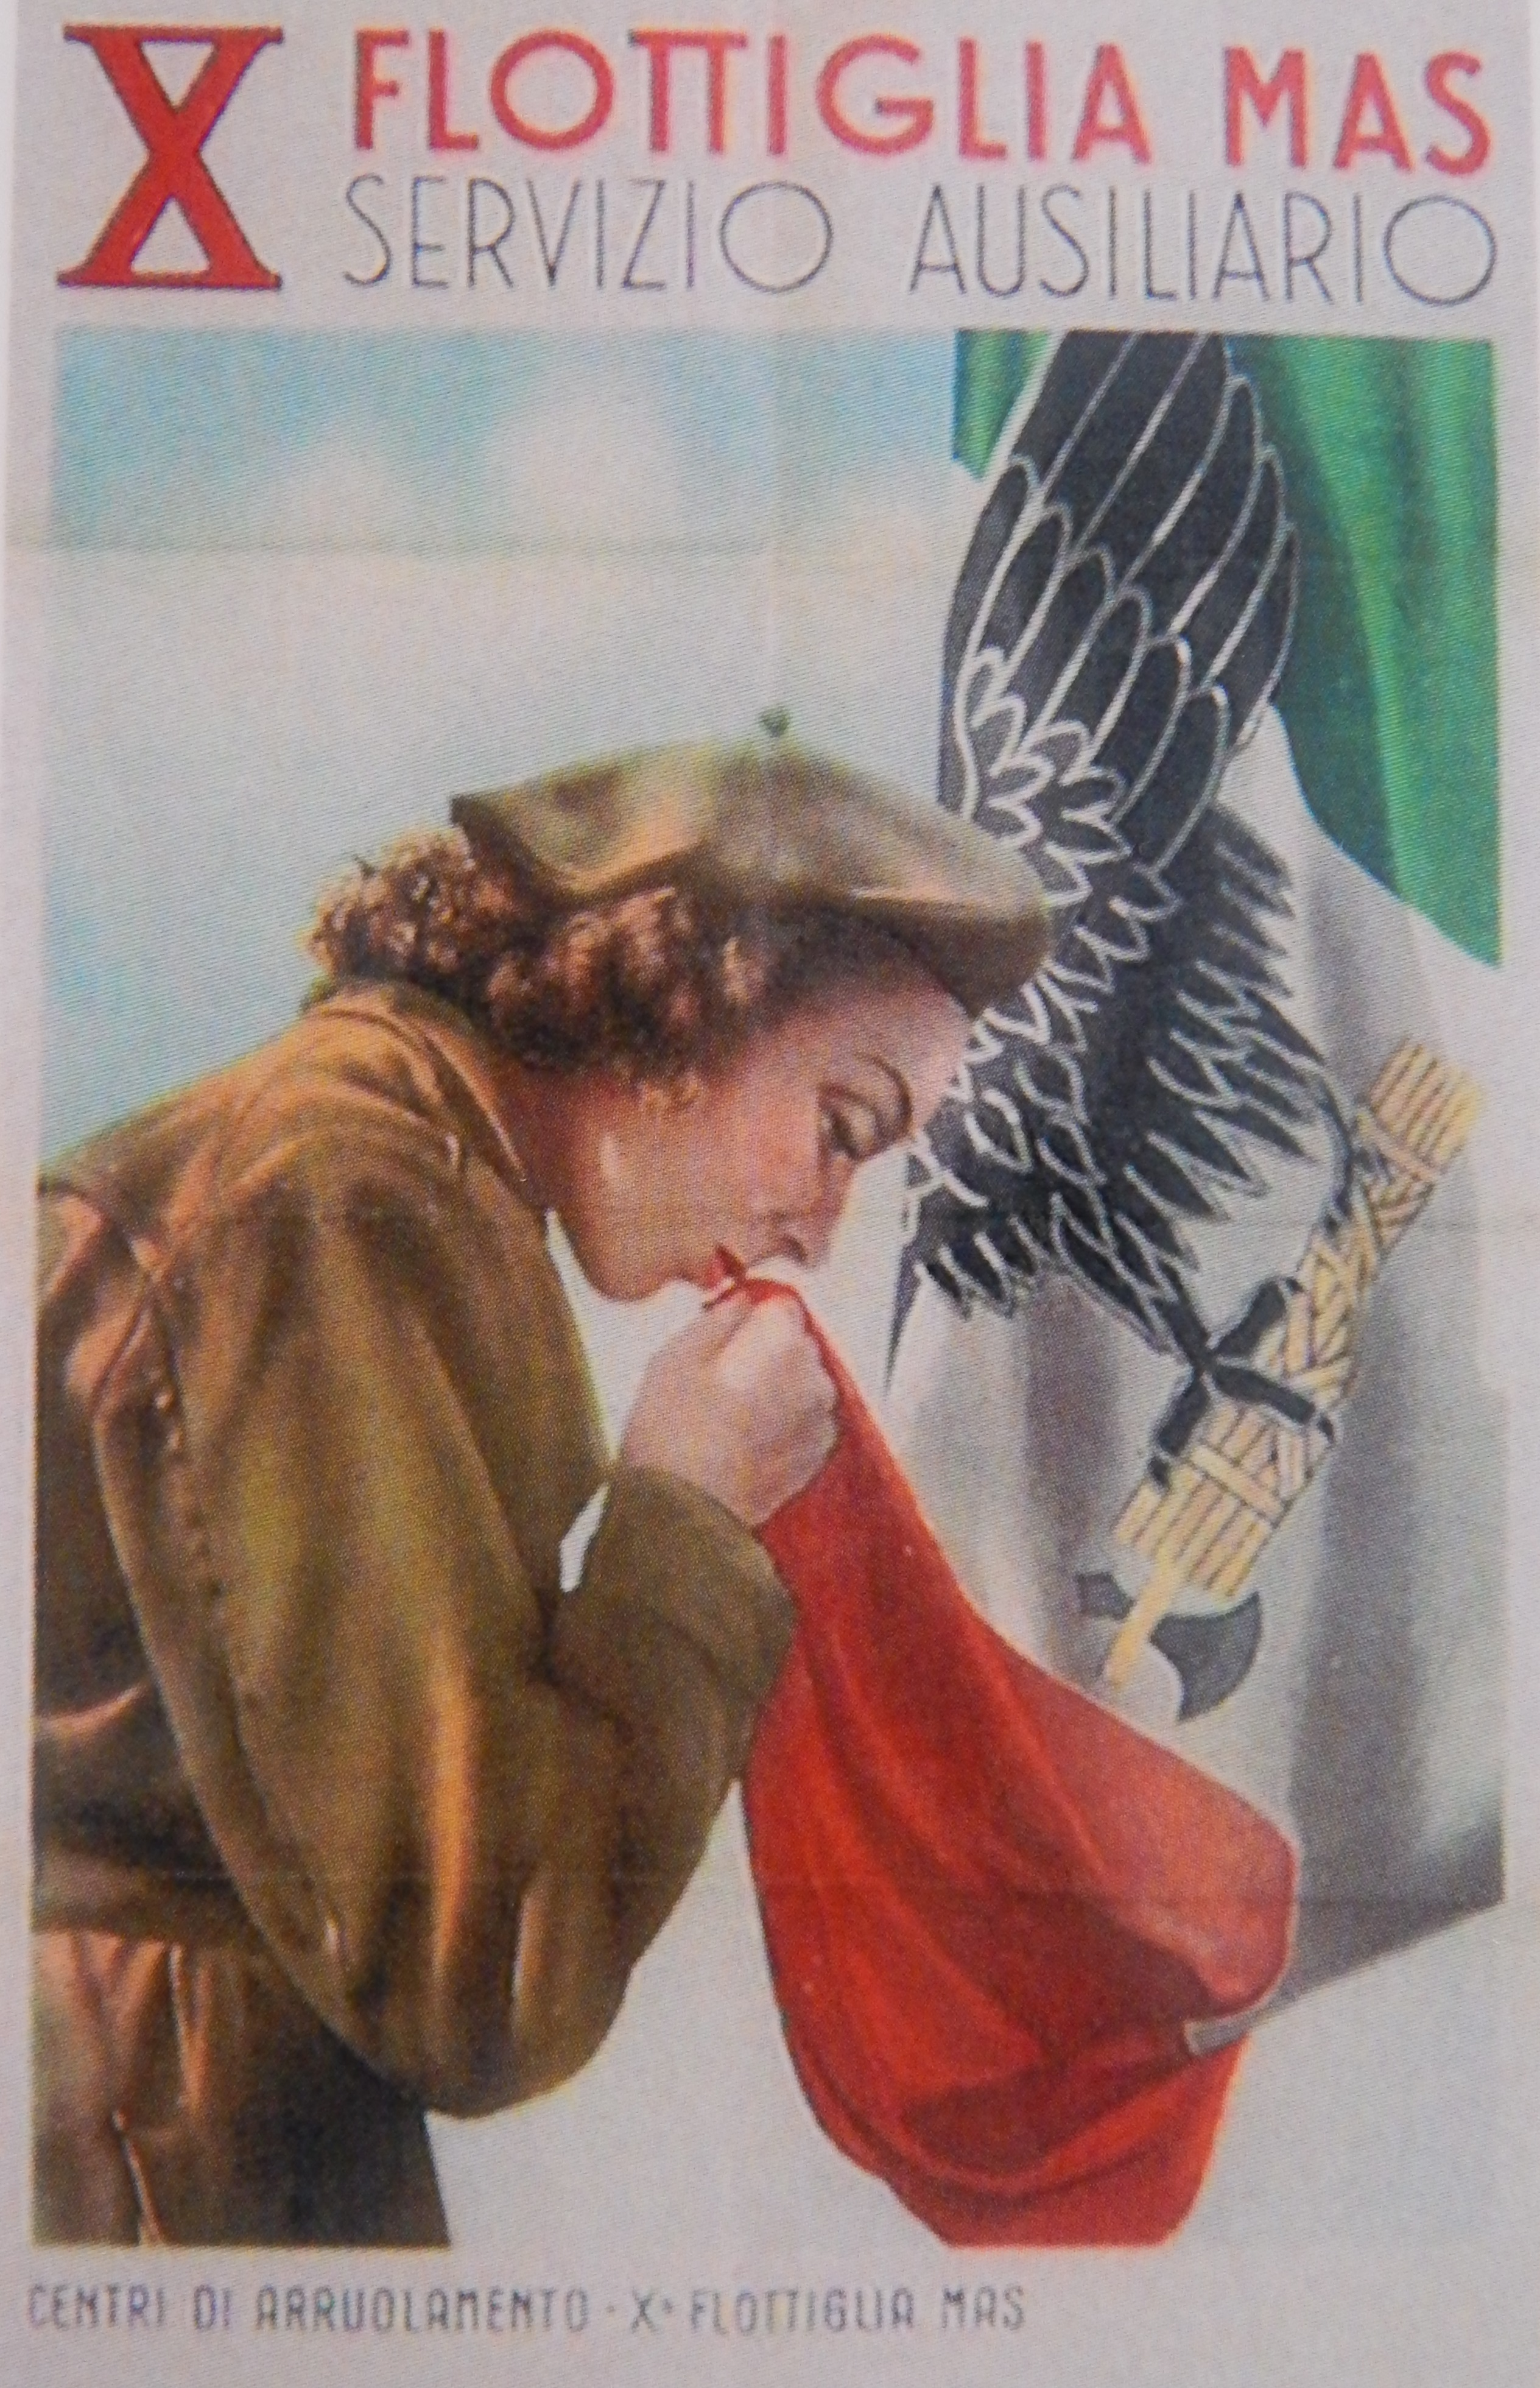 DECIMA FLOTTIGLIA M.A.S.: propaganda per la riscossa (XXIV parte) – Gianluca Padovan